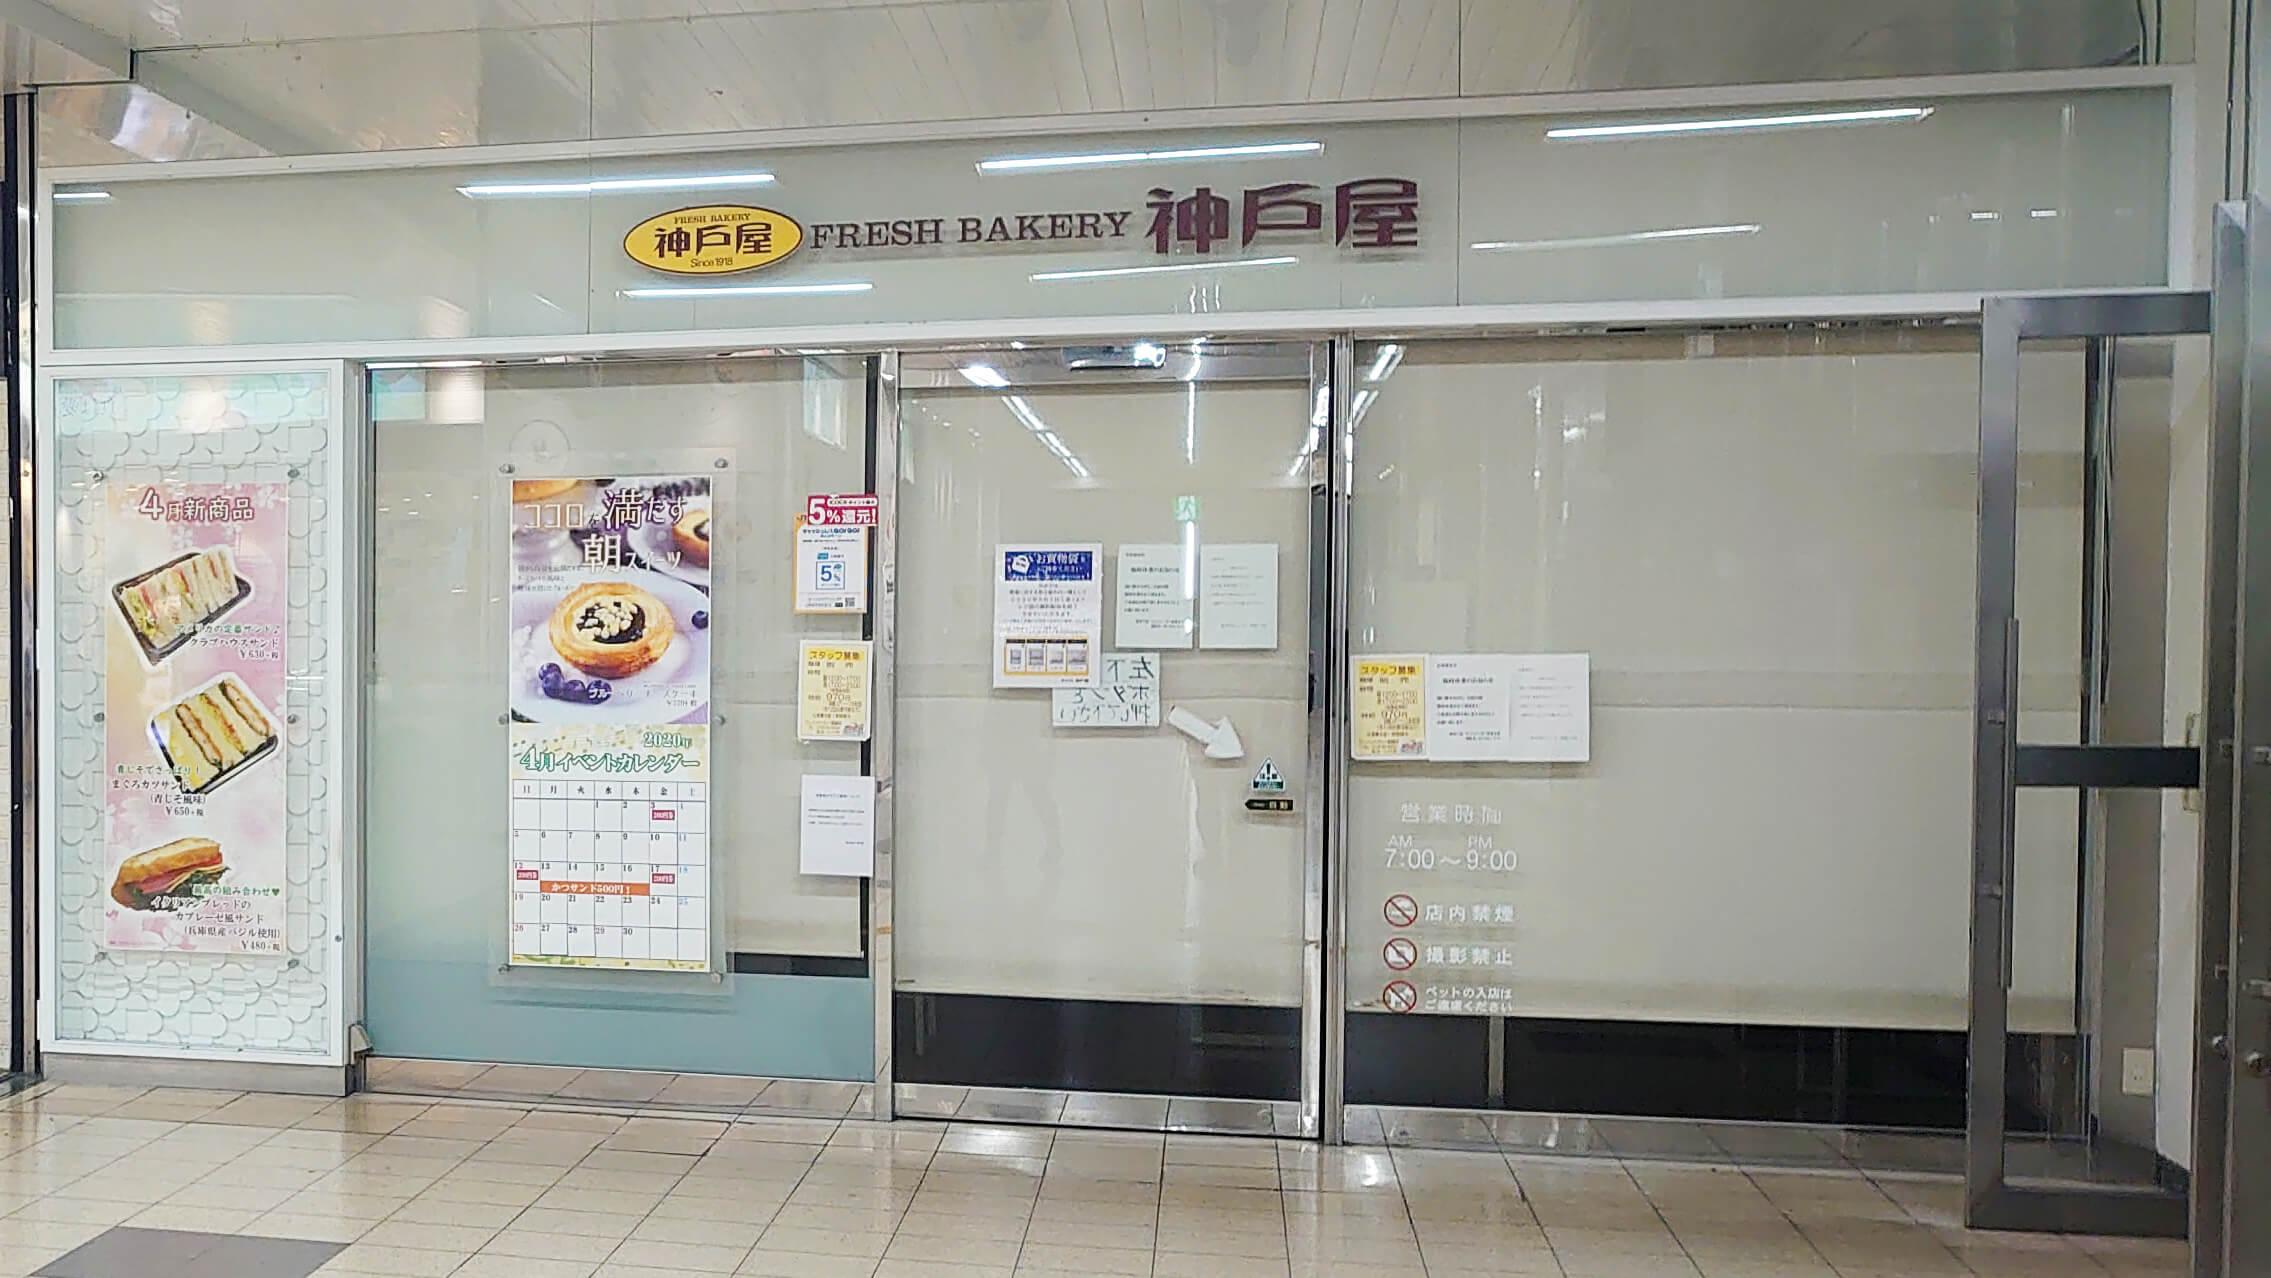 フレッシュベーカリー神戸屋 JR高槻駅 外観